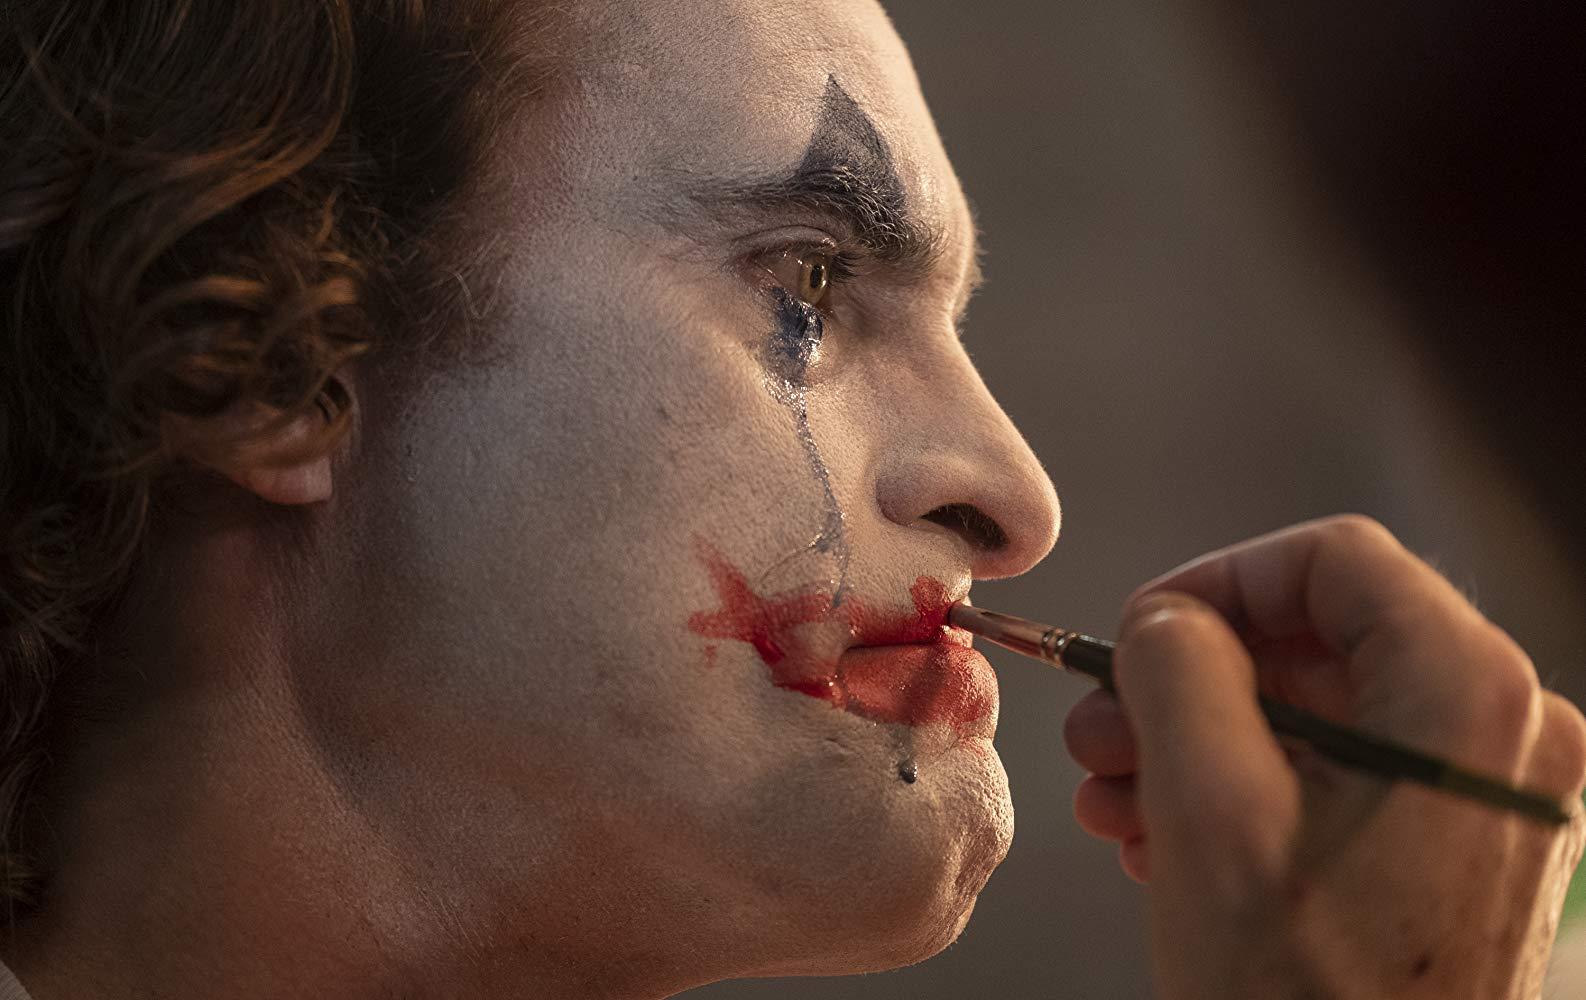 حقایقی که قبل از دیدن فیلم «جوکر» باید بدانید+تصاویر